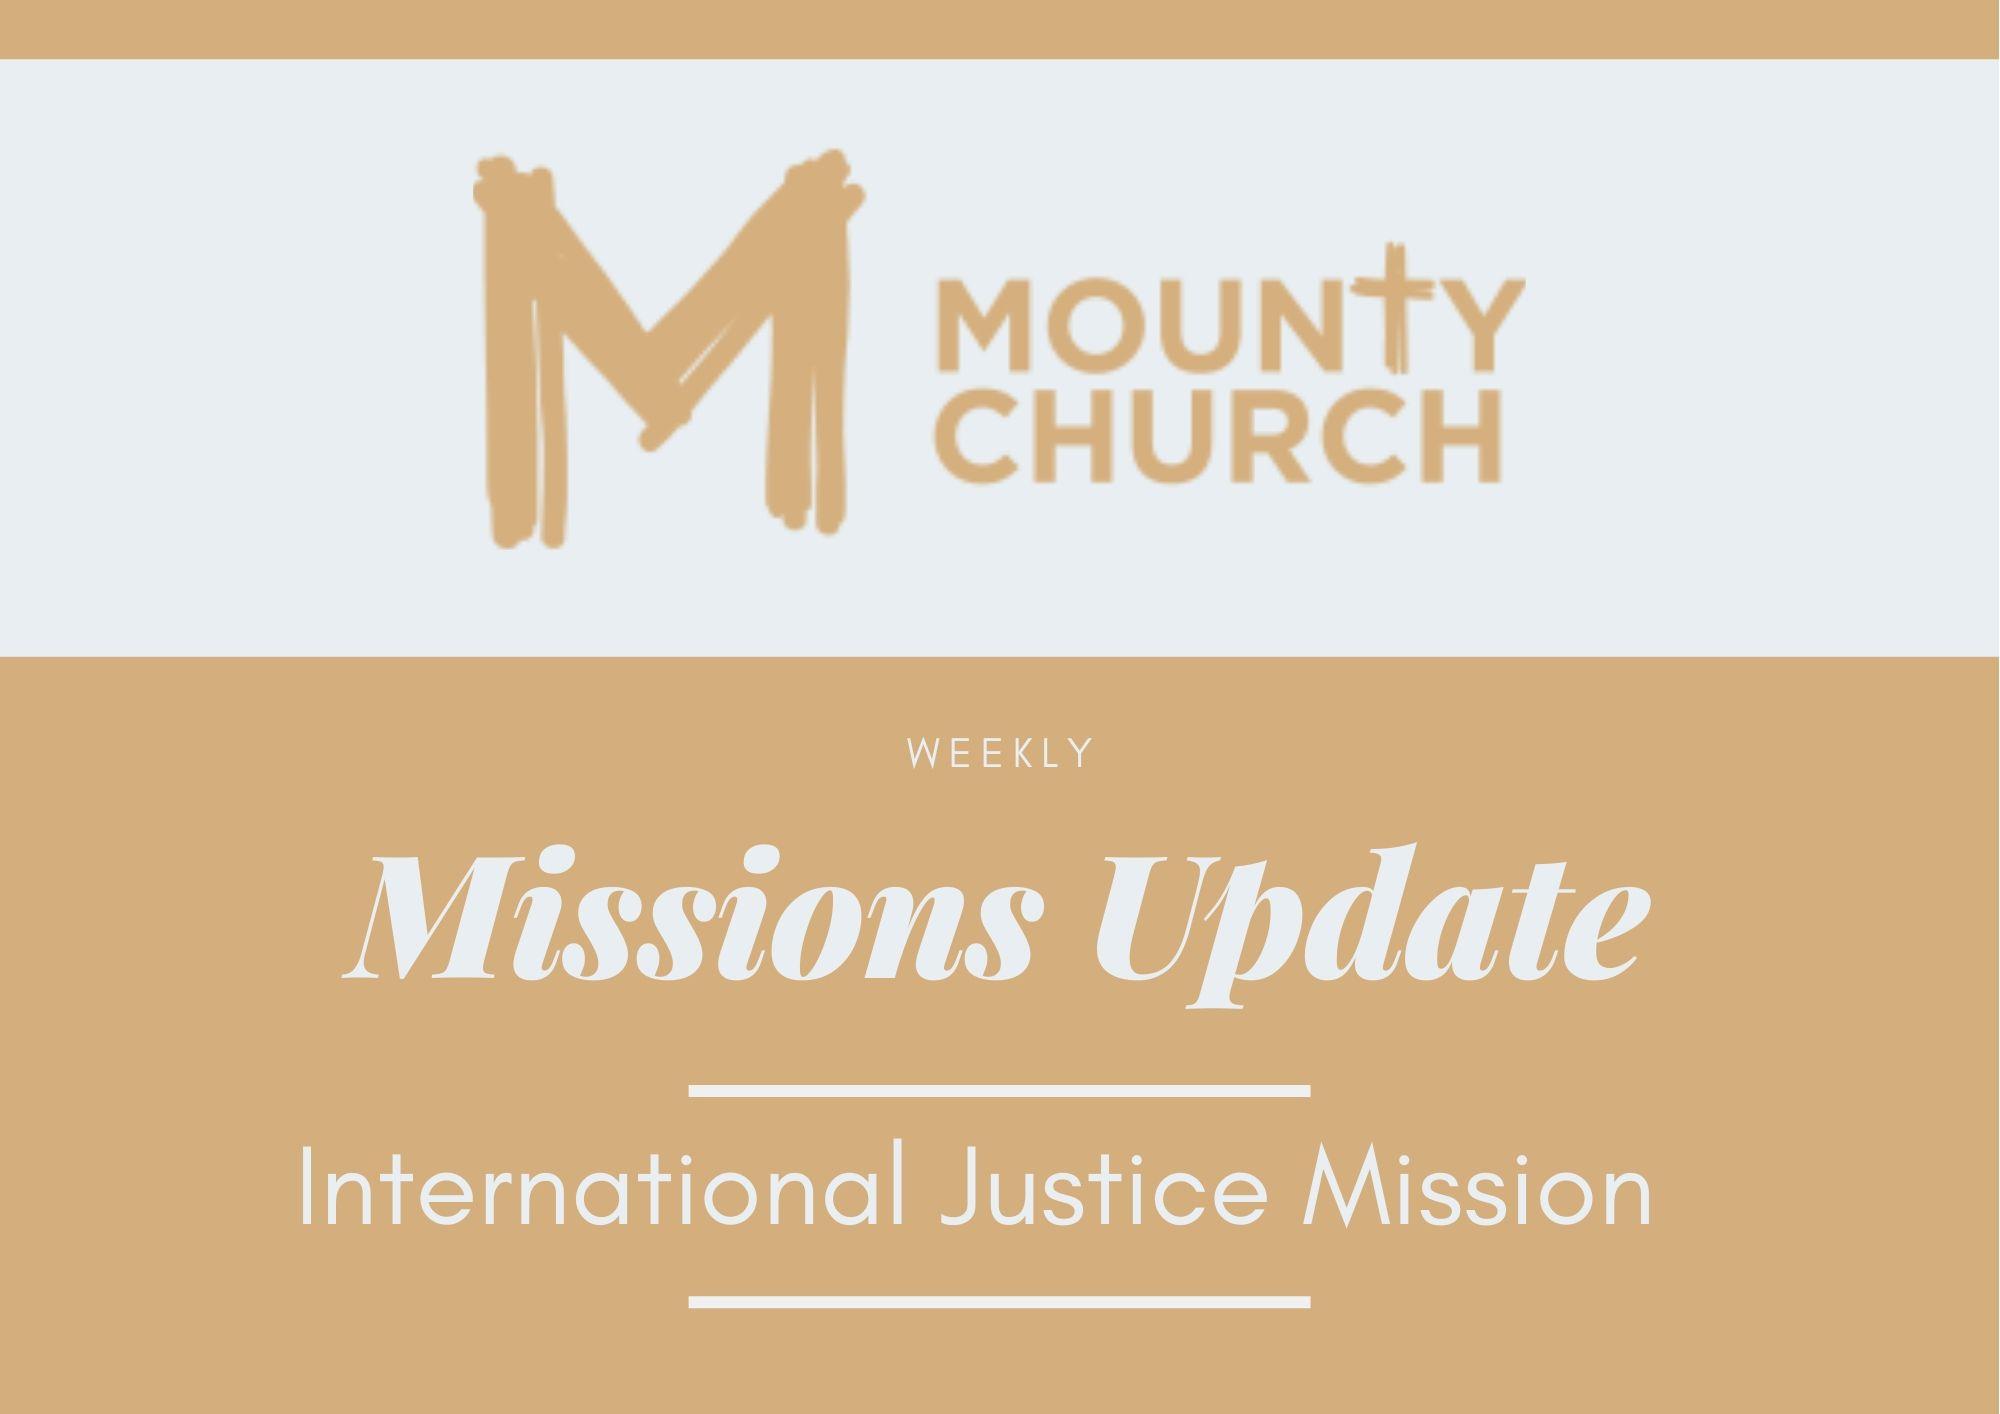 Mission Update - IJM